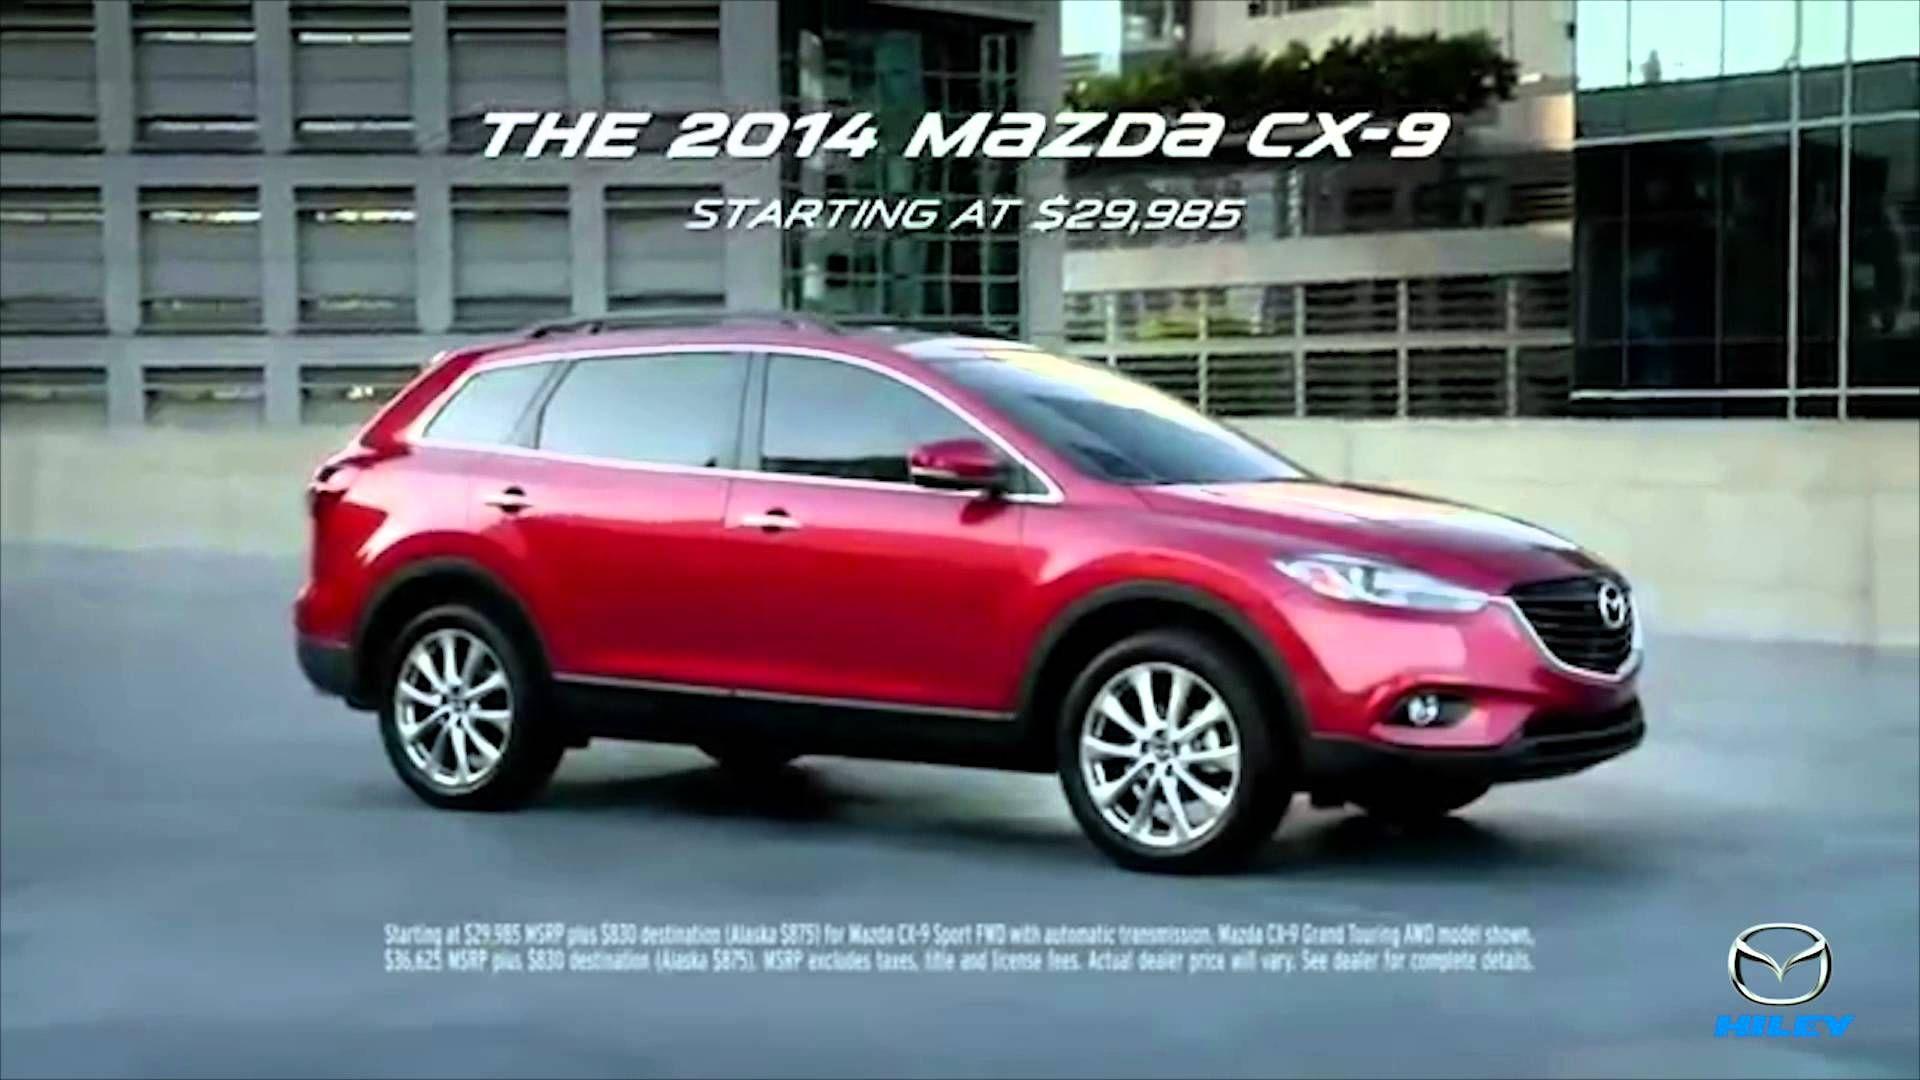 Arlington, TX Buy 2014 2015 Mazda CX 9 Specials Dallas